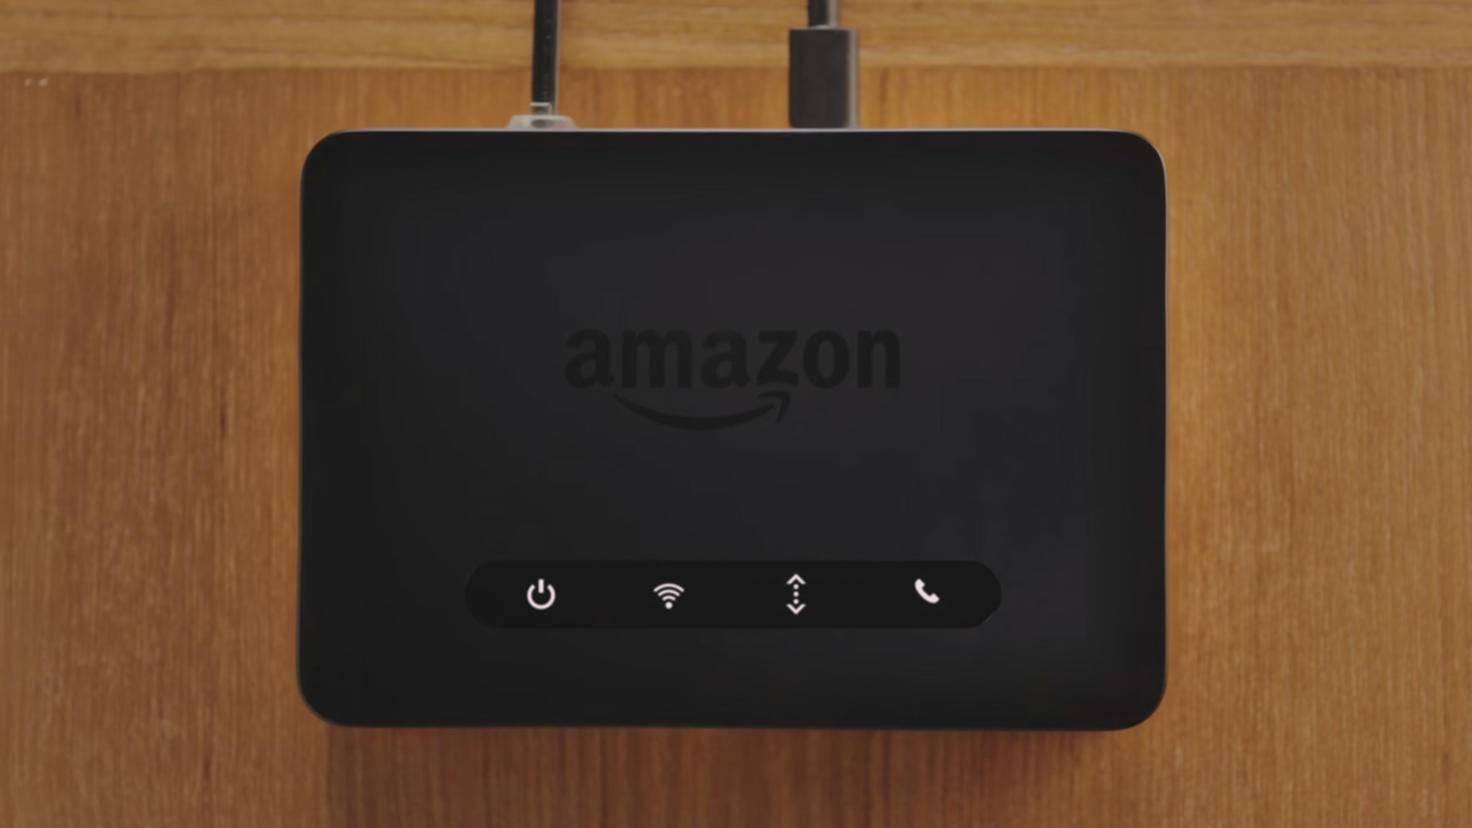 Mit Amazon Connect und einem kompatiblen, Alexa-fähigen Gerät, werden Telefonanrufe möglich.